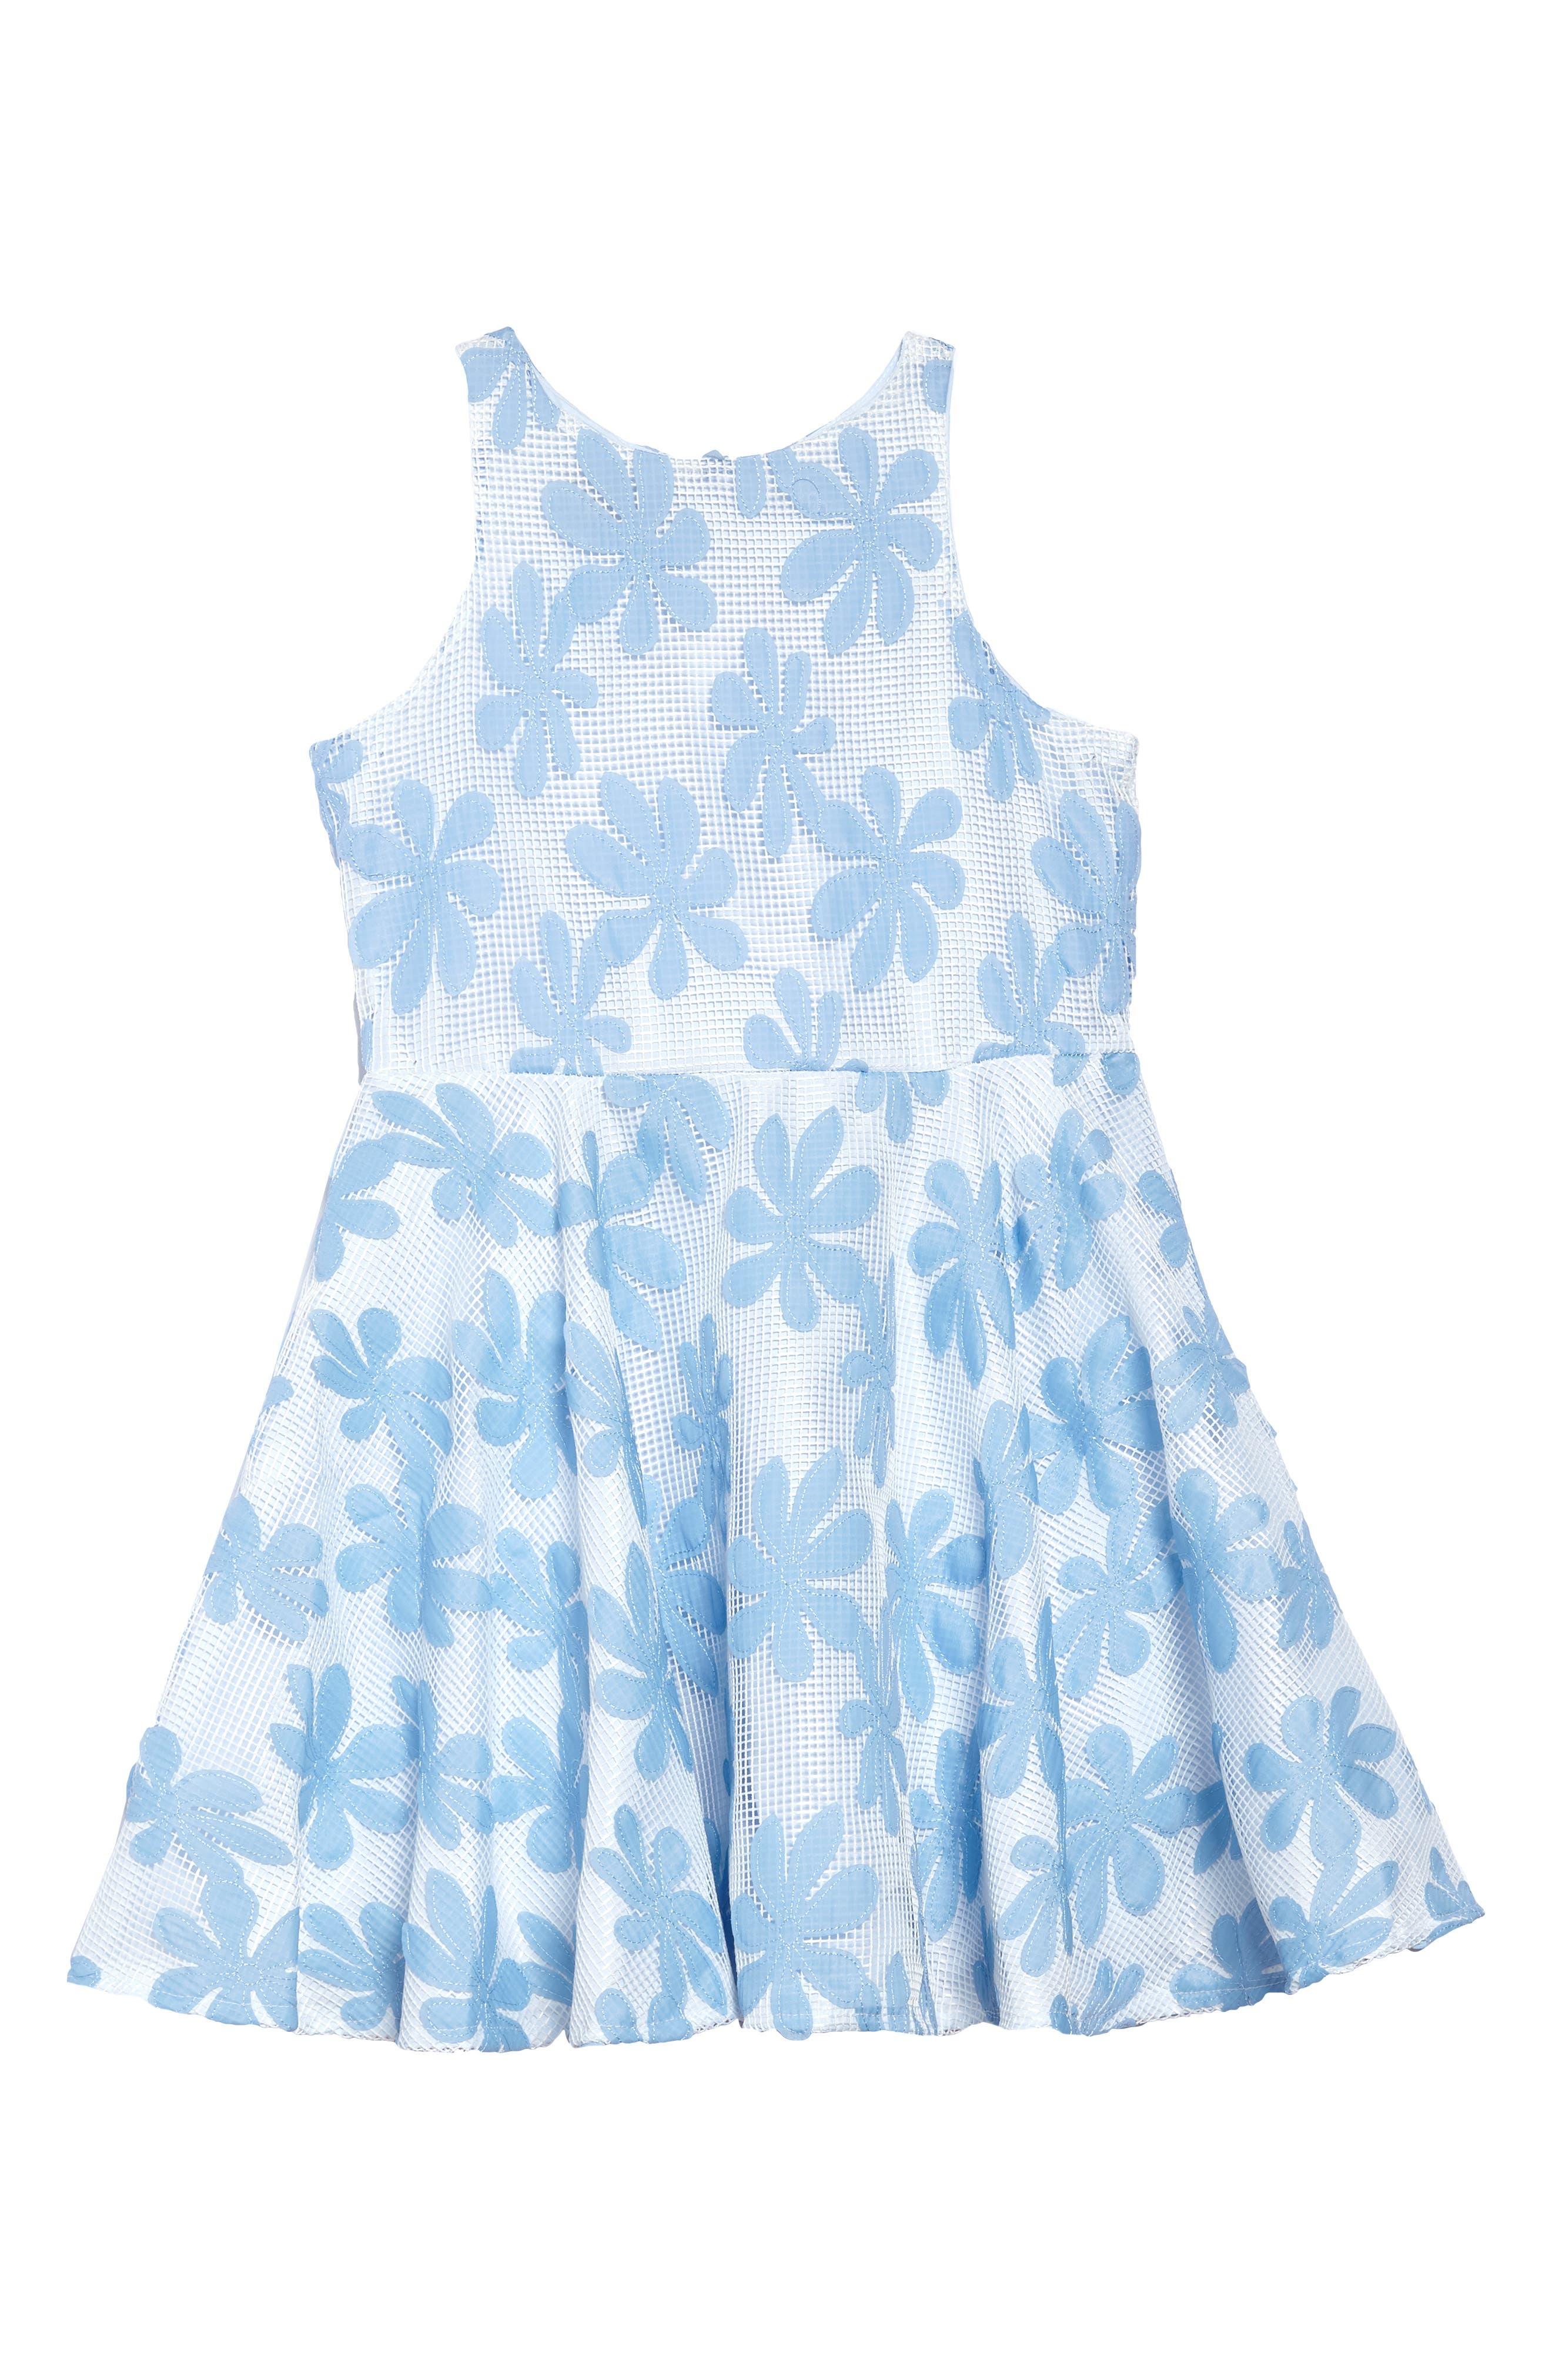 PIPPA & JULIE Daisy Appliqué Mesh Dress, Main, color, 119